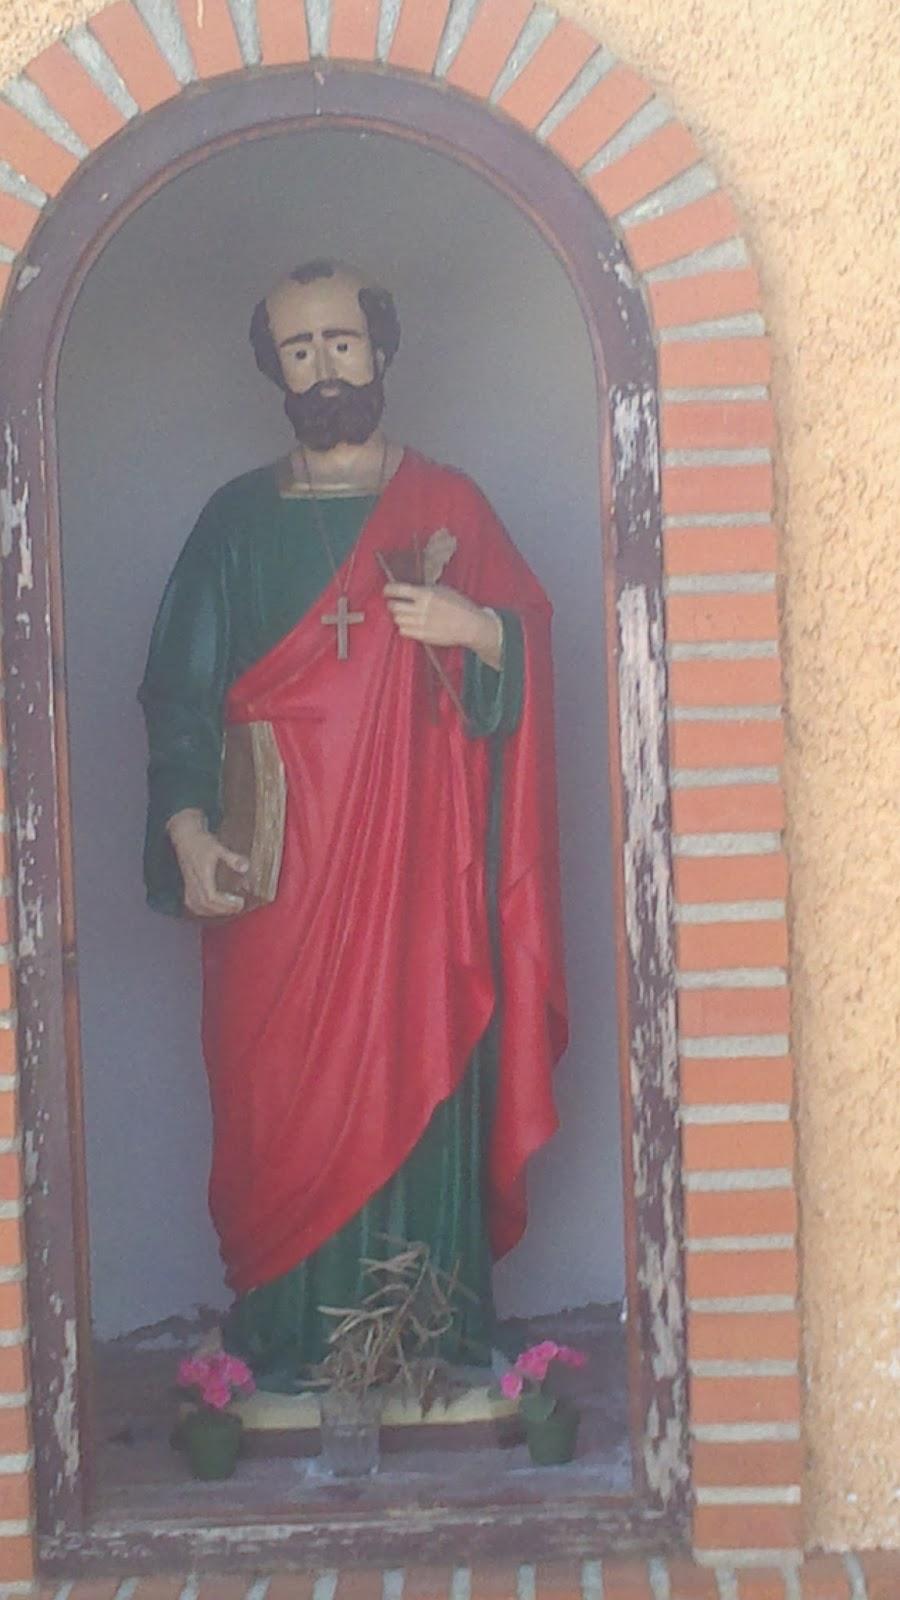 El original Sant Pere de la ermita construida en 1817 en Torrellano Bajo. fotos tomada gracias a la gentileza de la familia HANSON